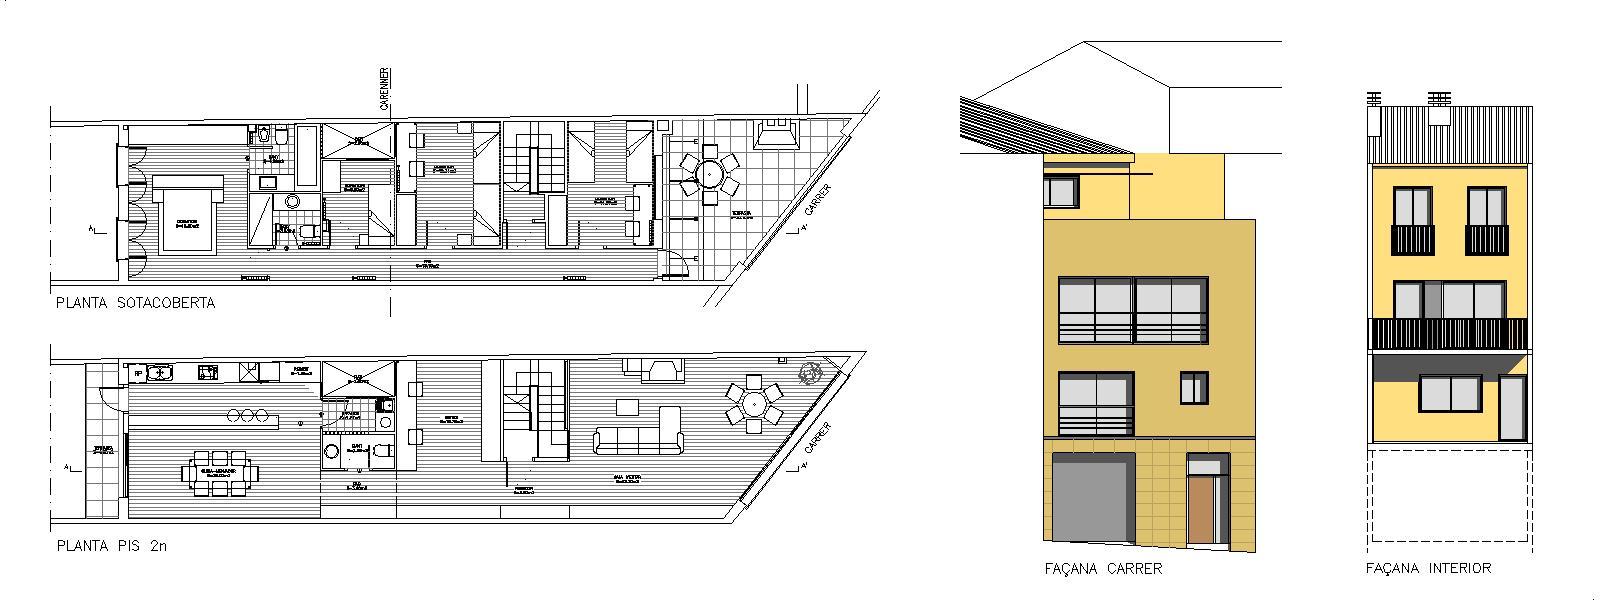 Estudio de arquitectura emearq marzo 2012 - Como reformar tu casa ...